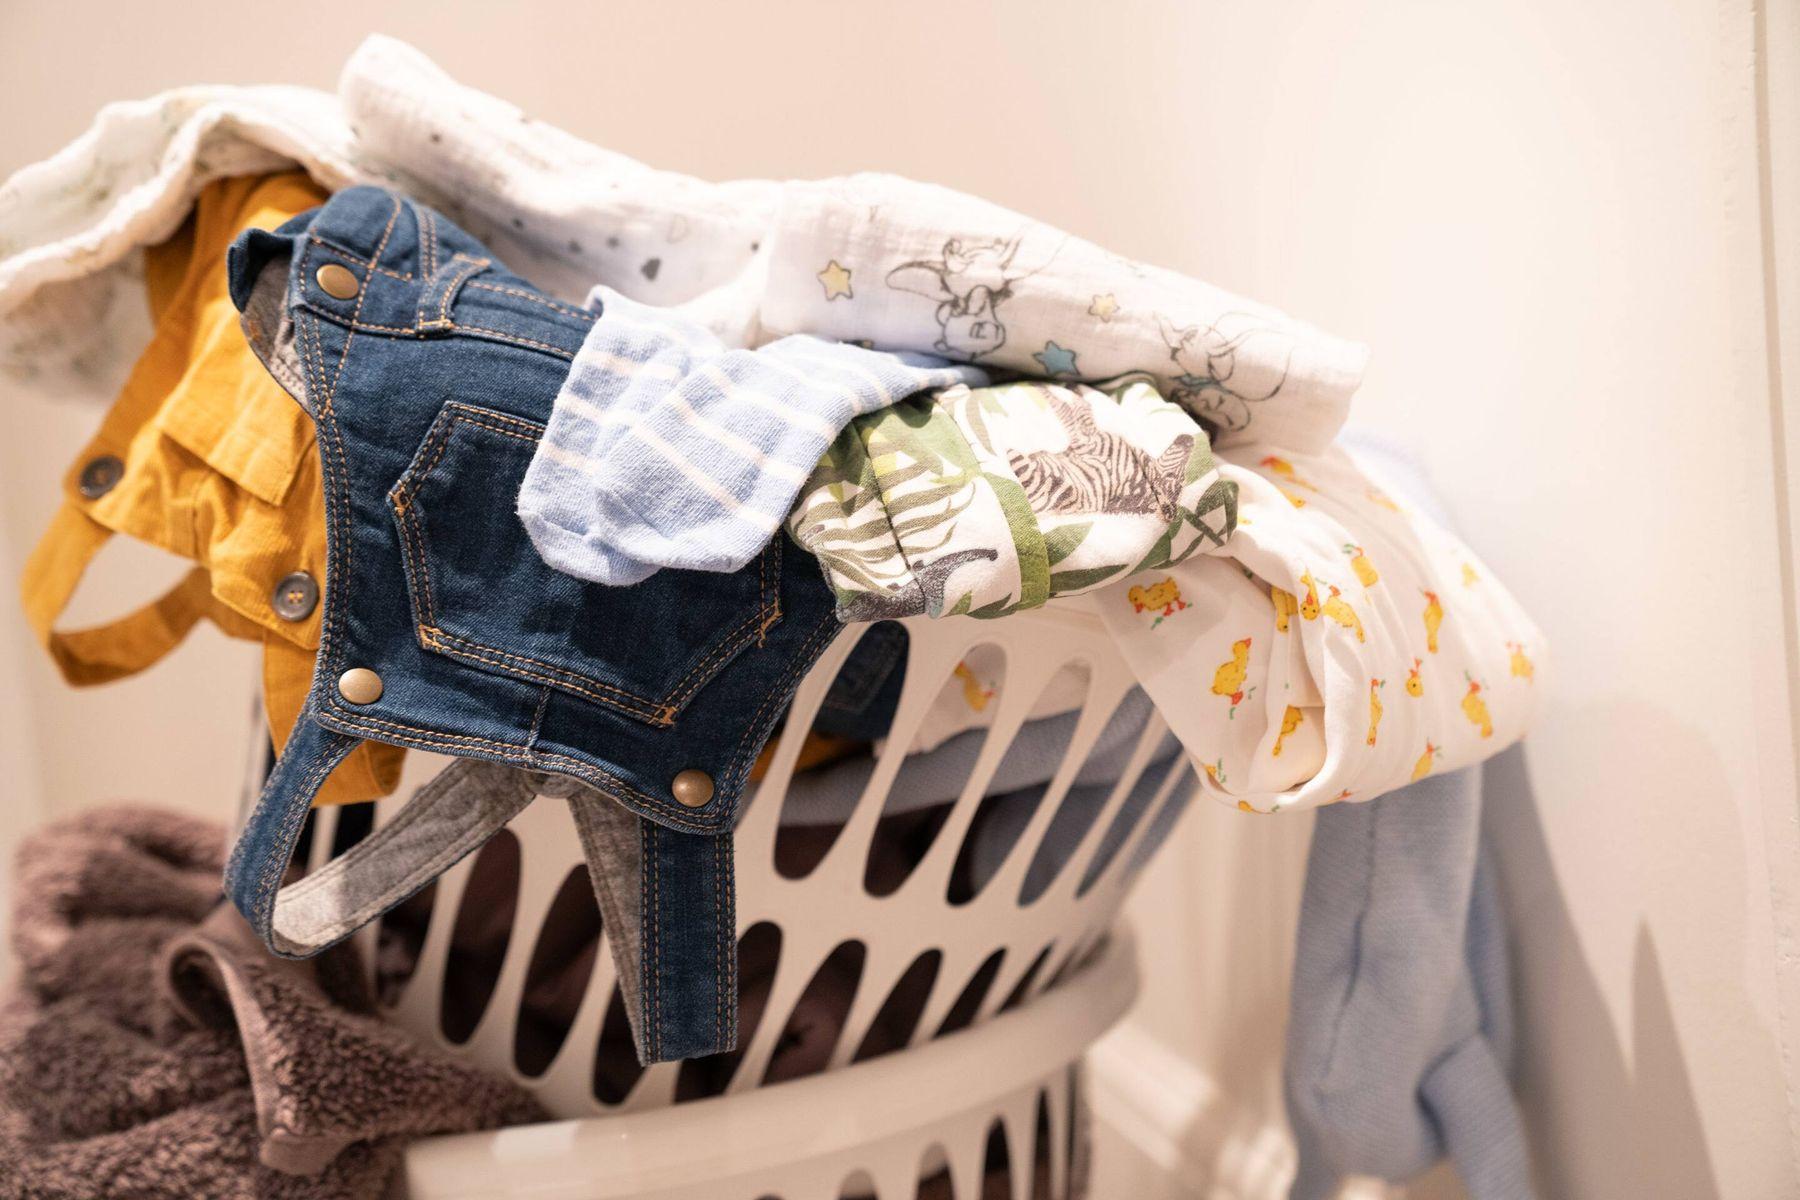 pila de lavado limpio en una canasta de lavado de plástico